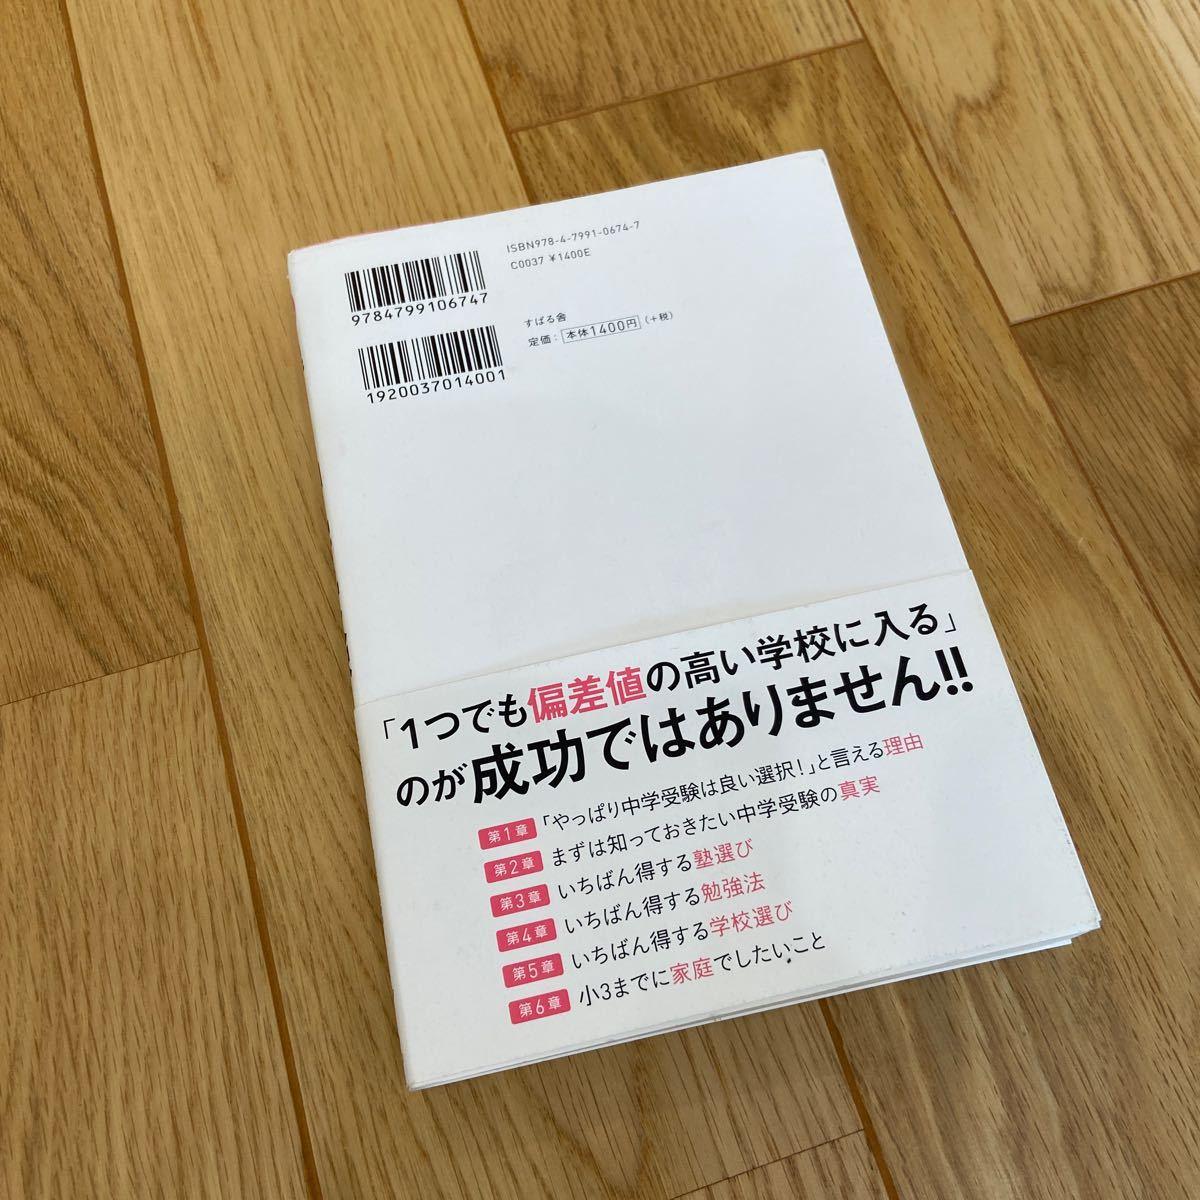 いちばん得する中学受験/辻義夫/西村則康